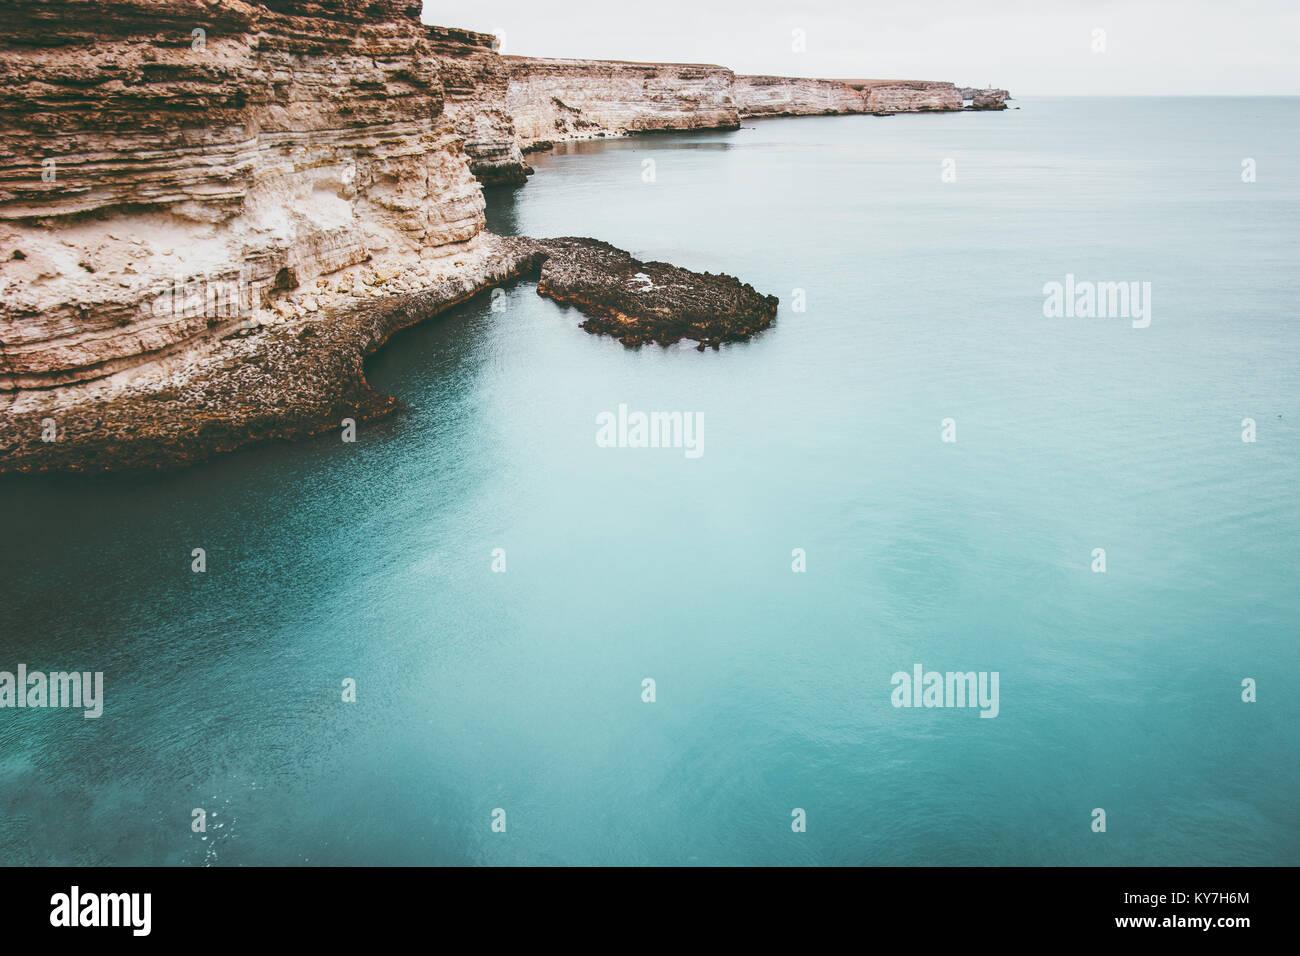 Blaues Meer mit felsigen Küste Landschaft Ruhe und Beschaulichkeit malerischen Blick Ferien reisen Stockbild